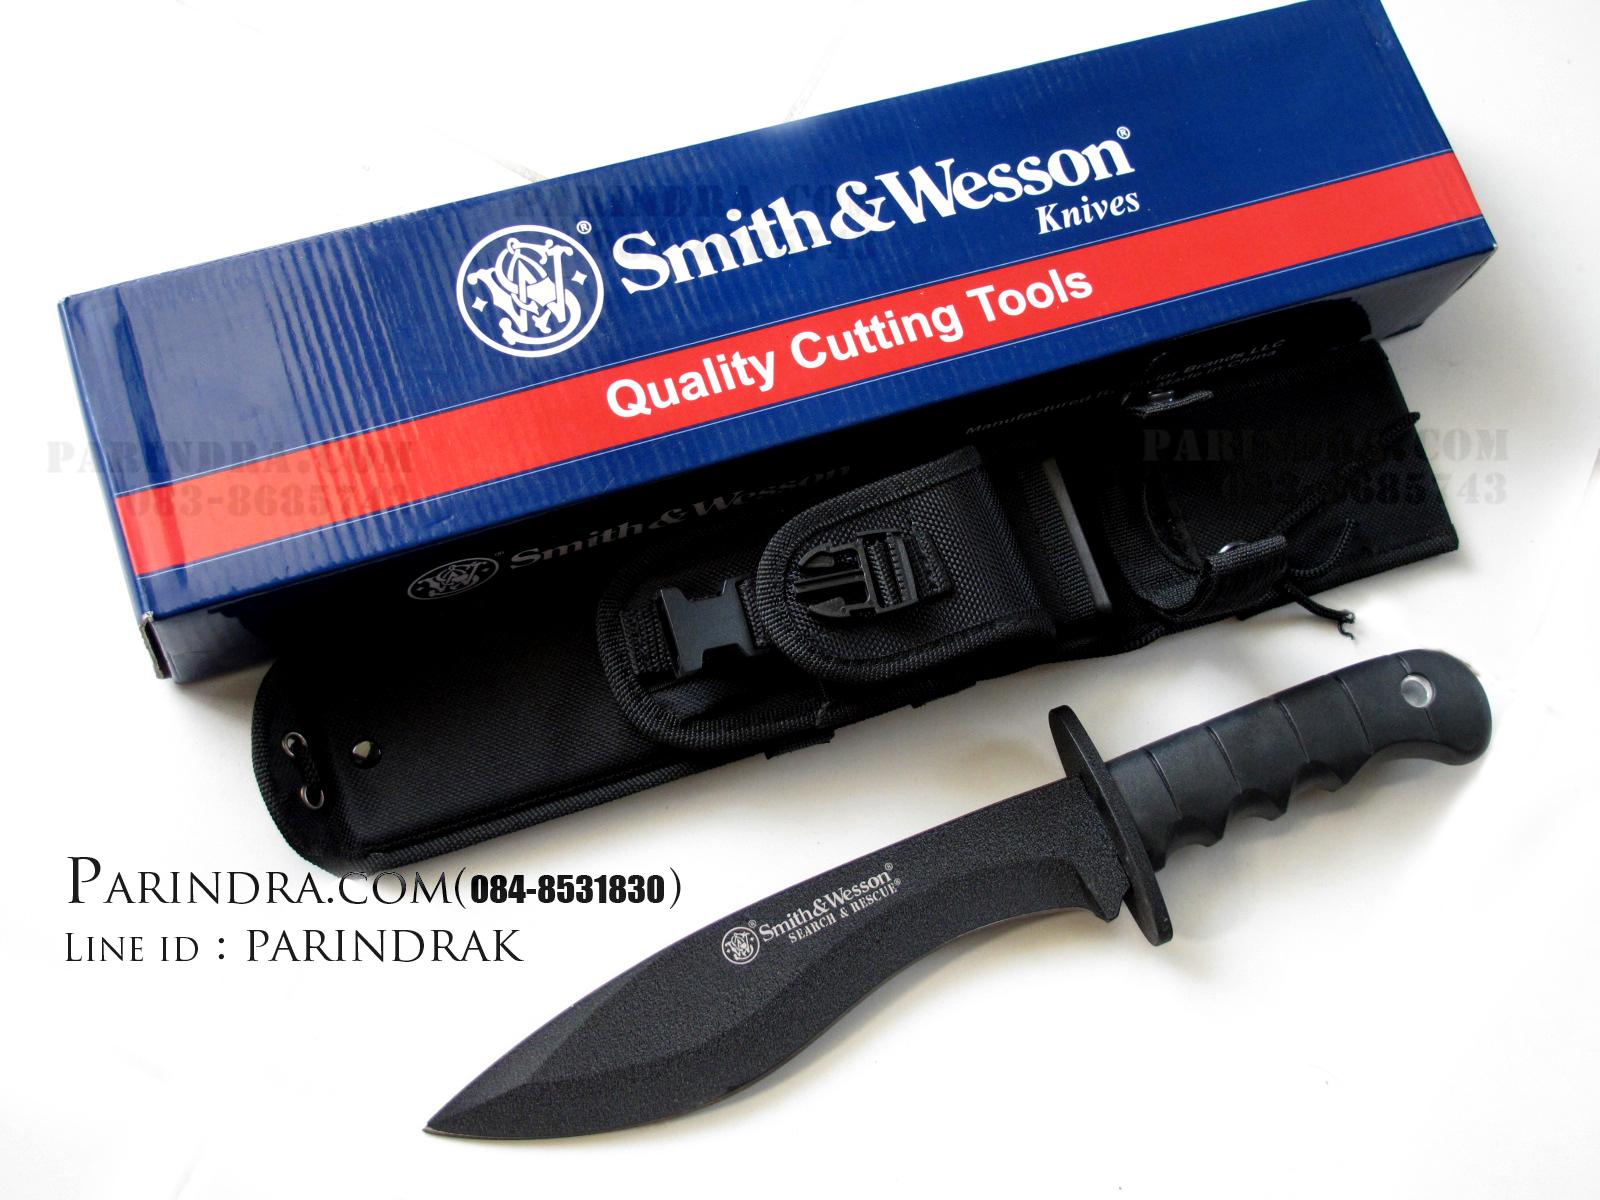 มีดเดินป่าใบตาย Smith&Wesson SEARCH AND RESCUE CKSUR7 ทรงกรูข่า (OEM )